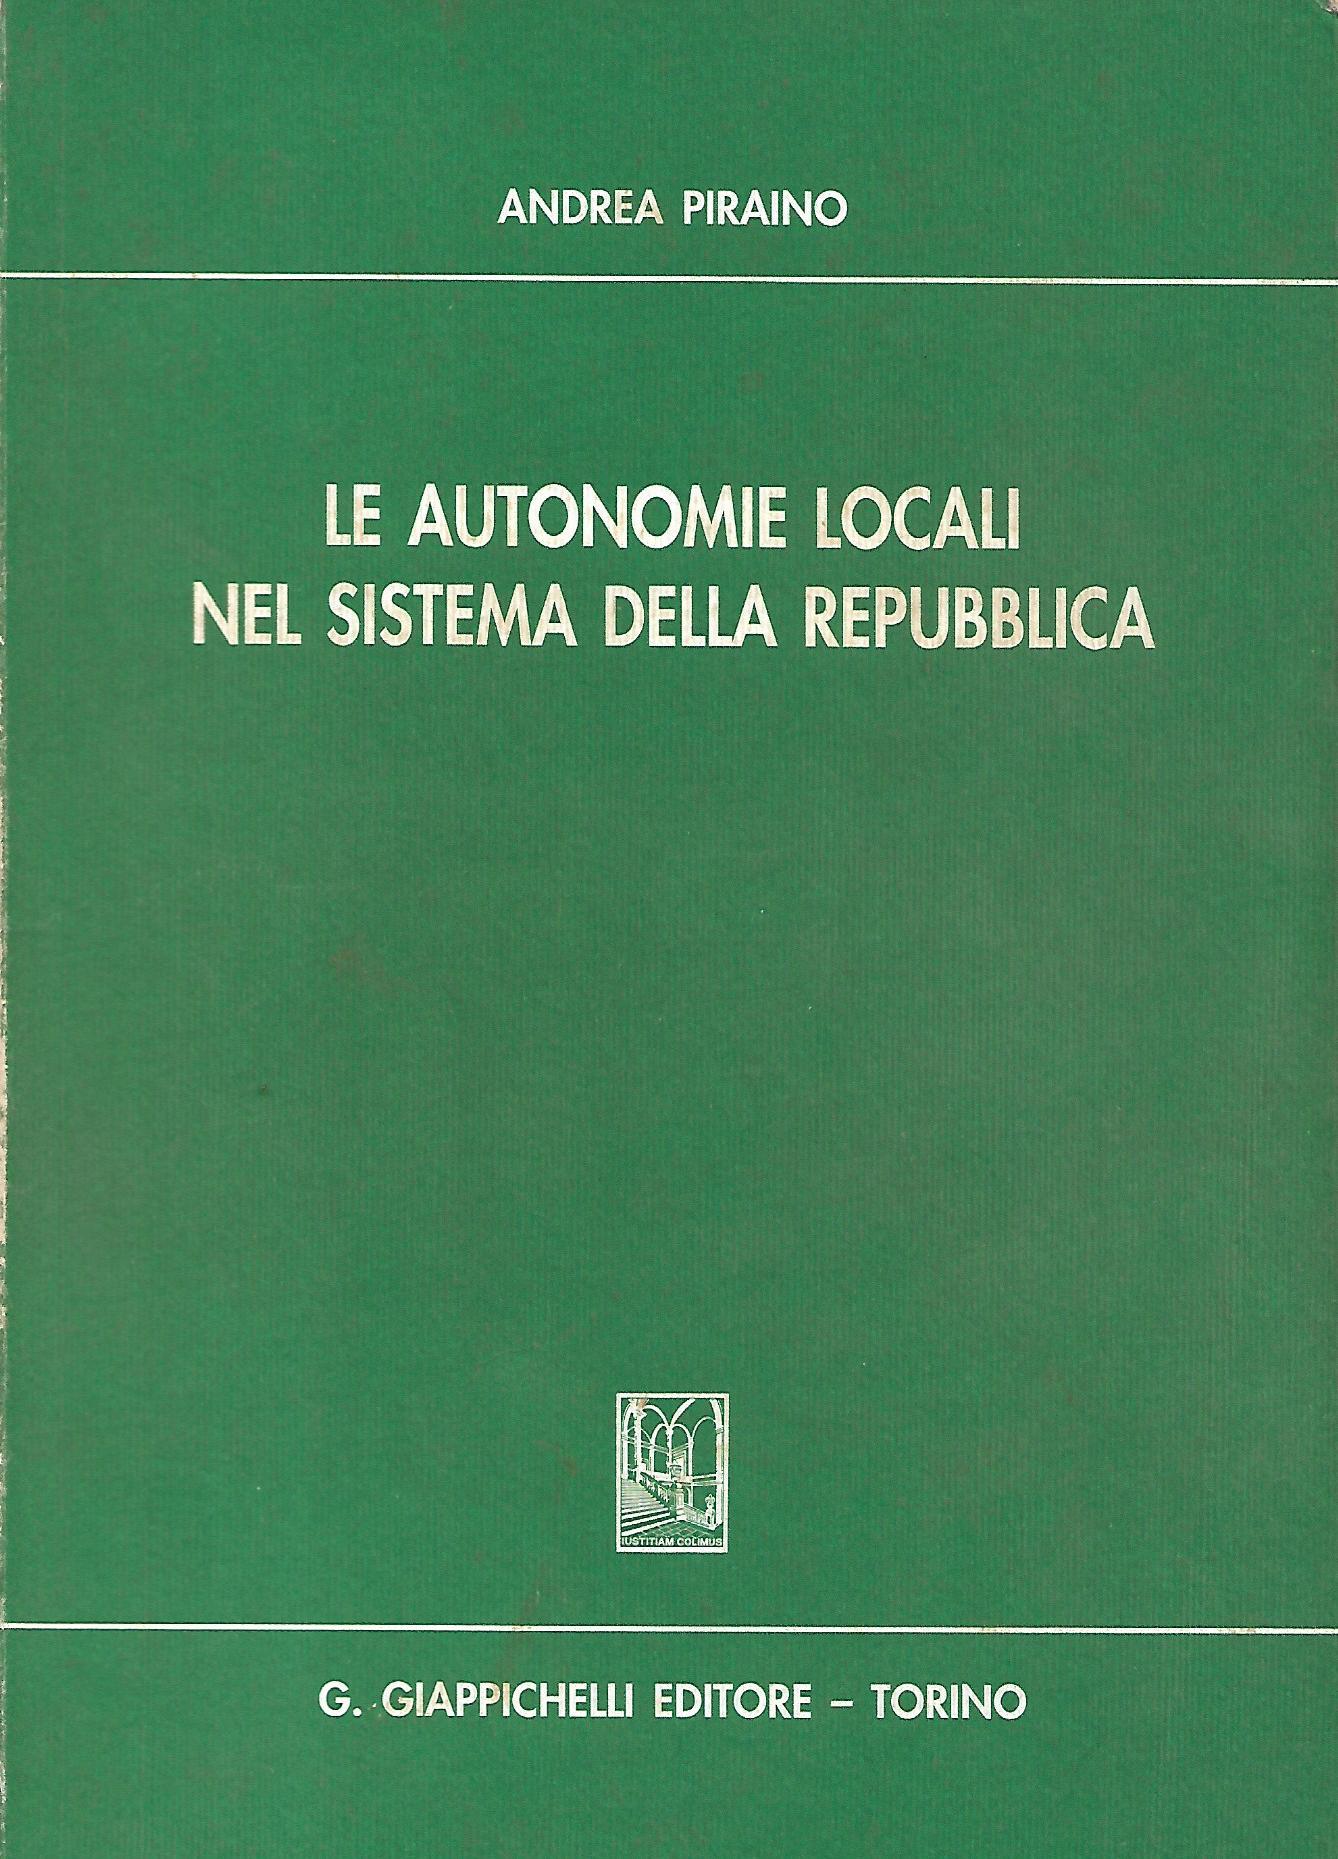 le autonomie locali nel sistema della repubblica - piraino andrea